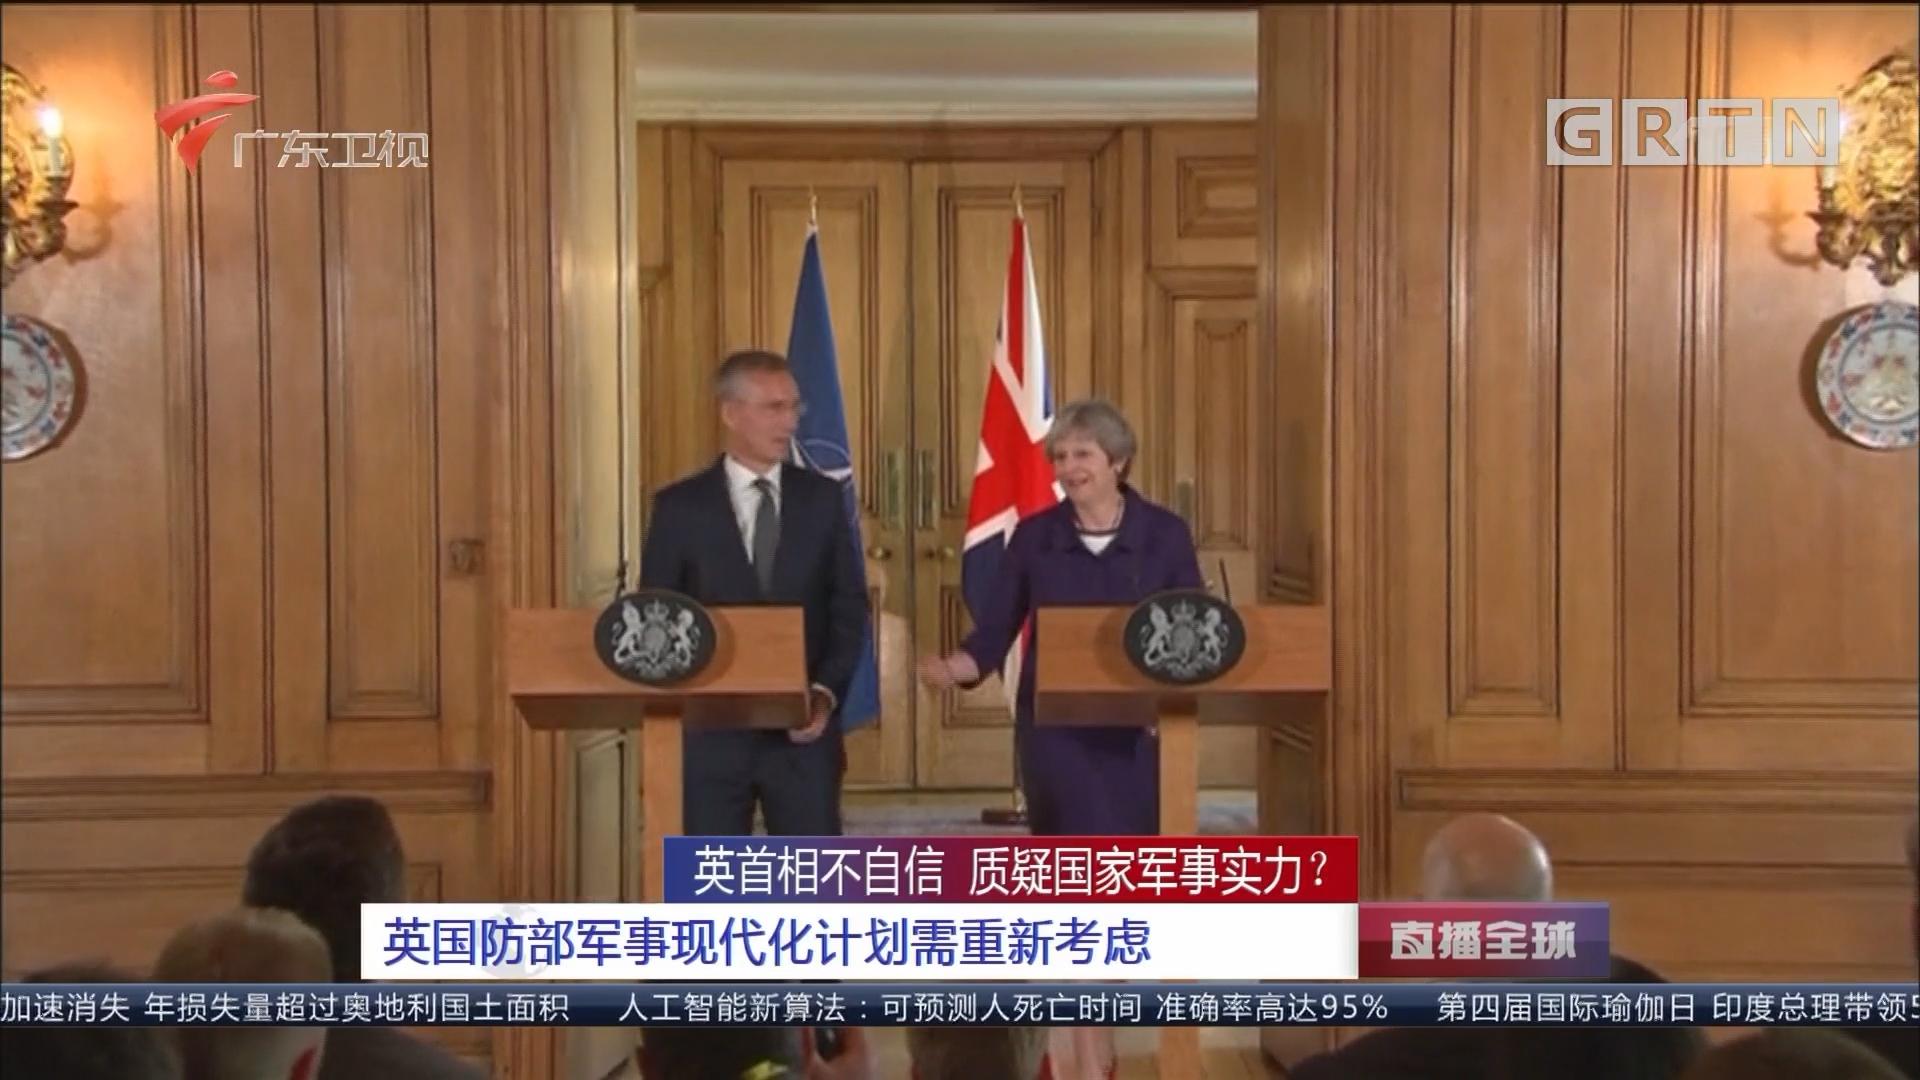 英首相不自信 质疑国家军事实力? 英国防部军事现代化计划需重新考虑